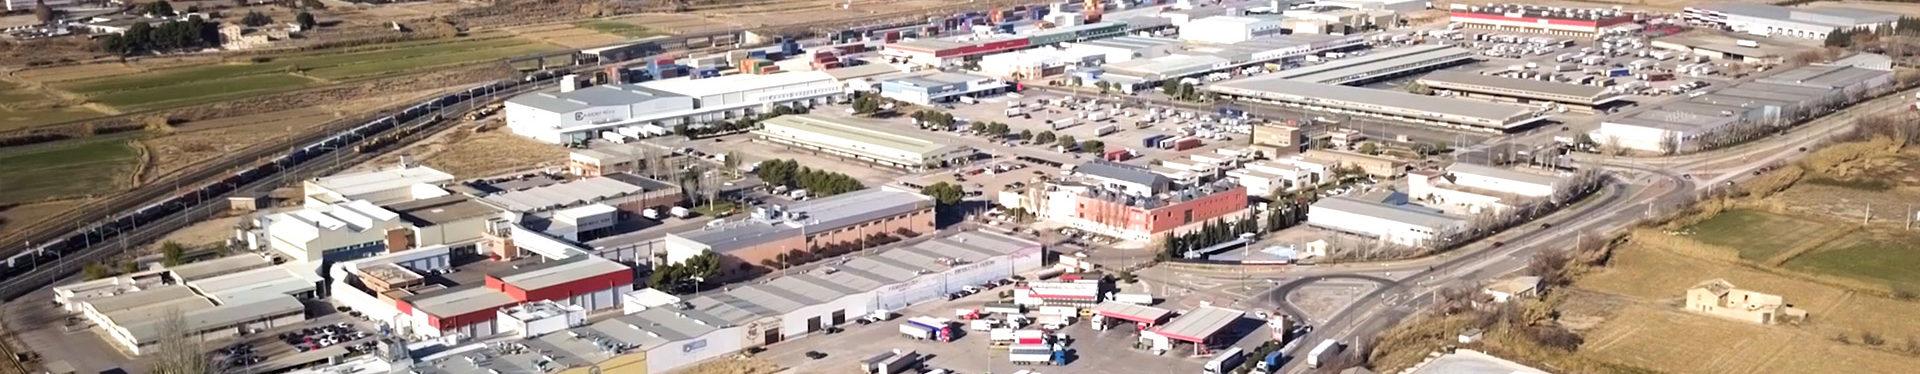 Mercazaragoza -Mercado Central de Zaragoza - despensa Valle del Ebro - mascarillas- abastecimiento